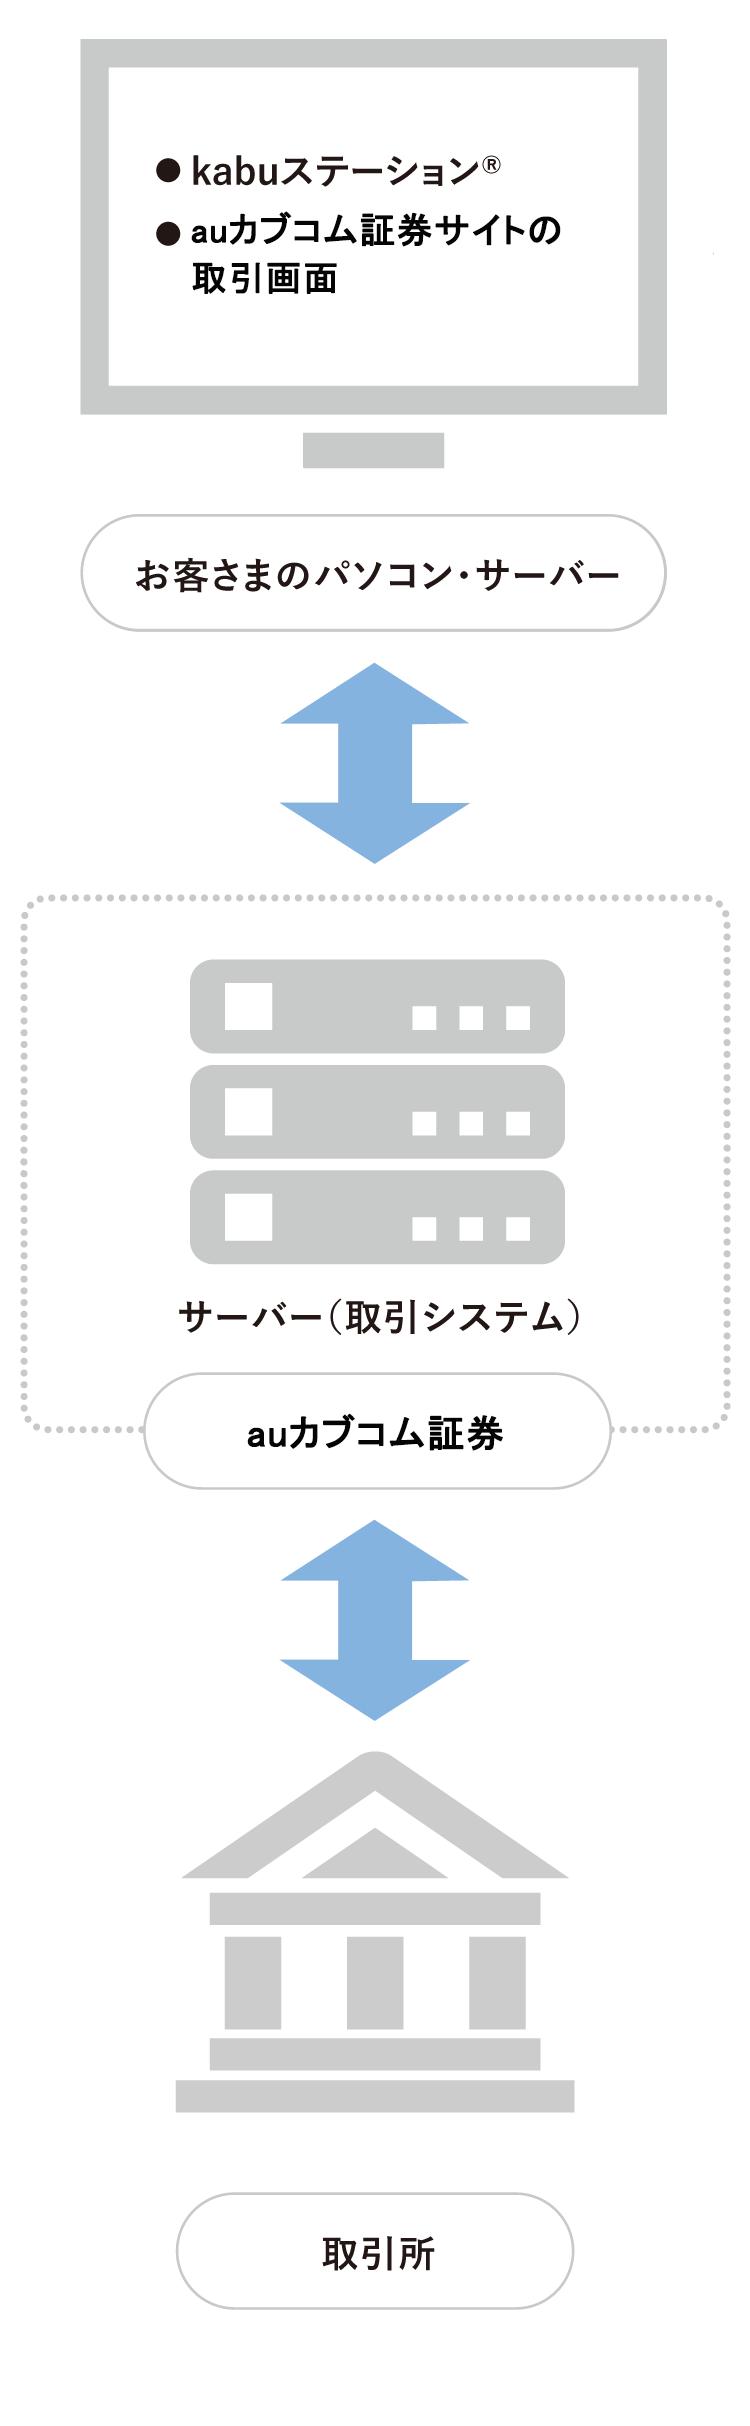 掲示板 株価 三菱 ufj